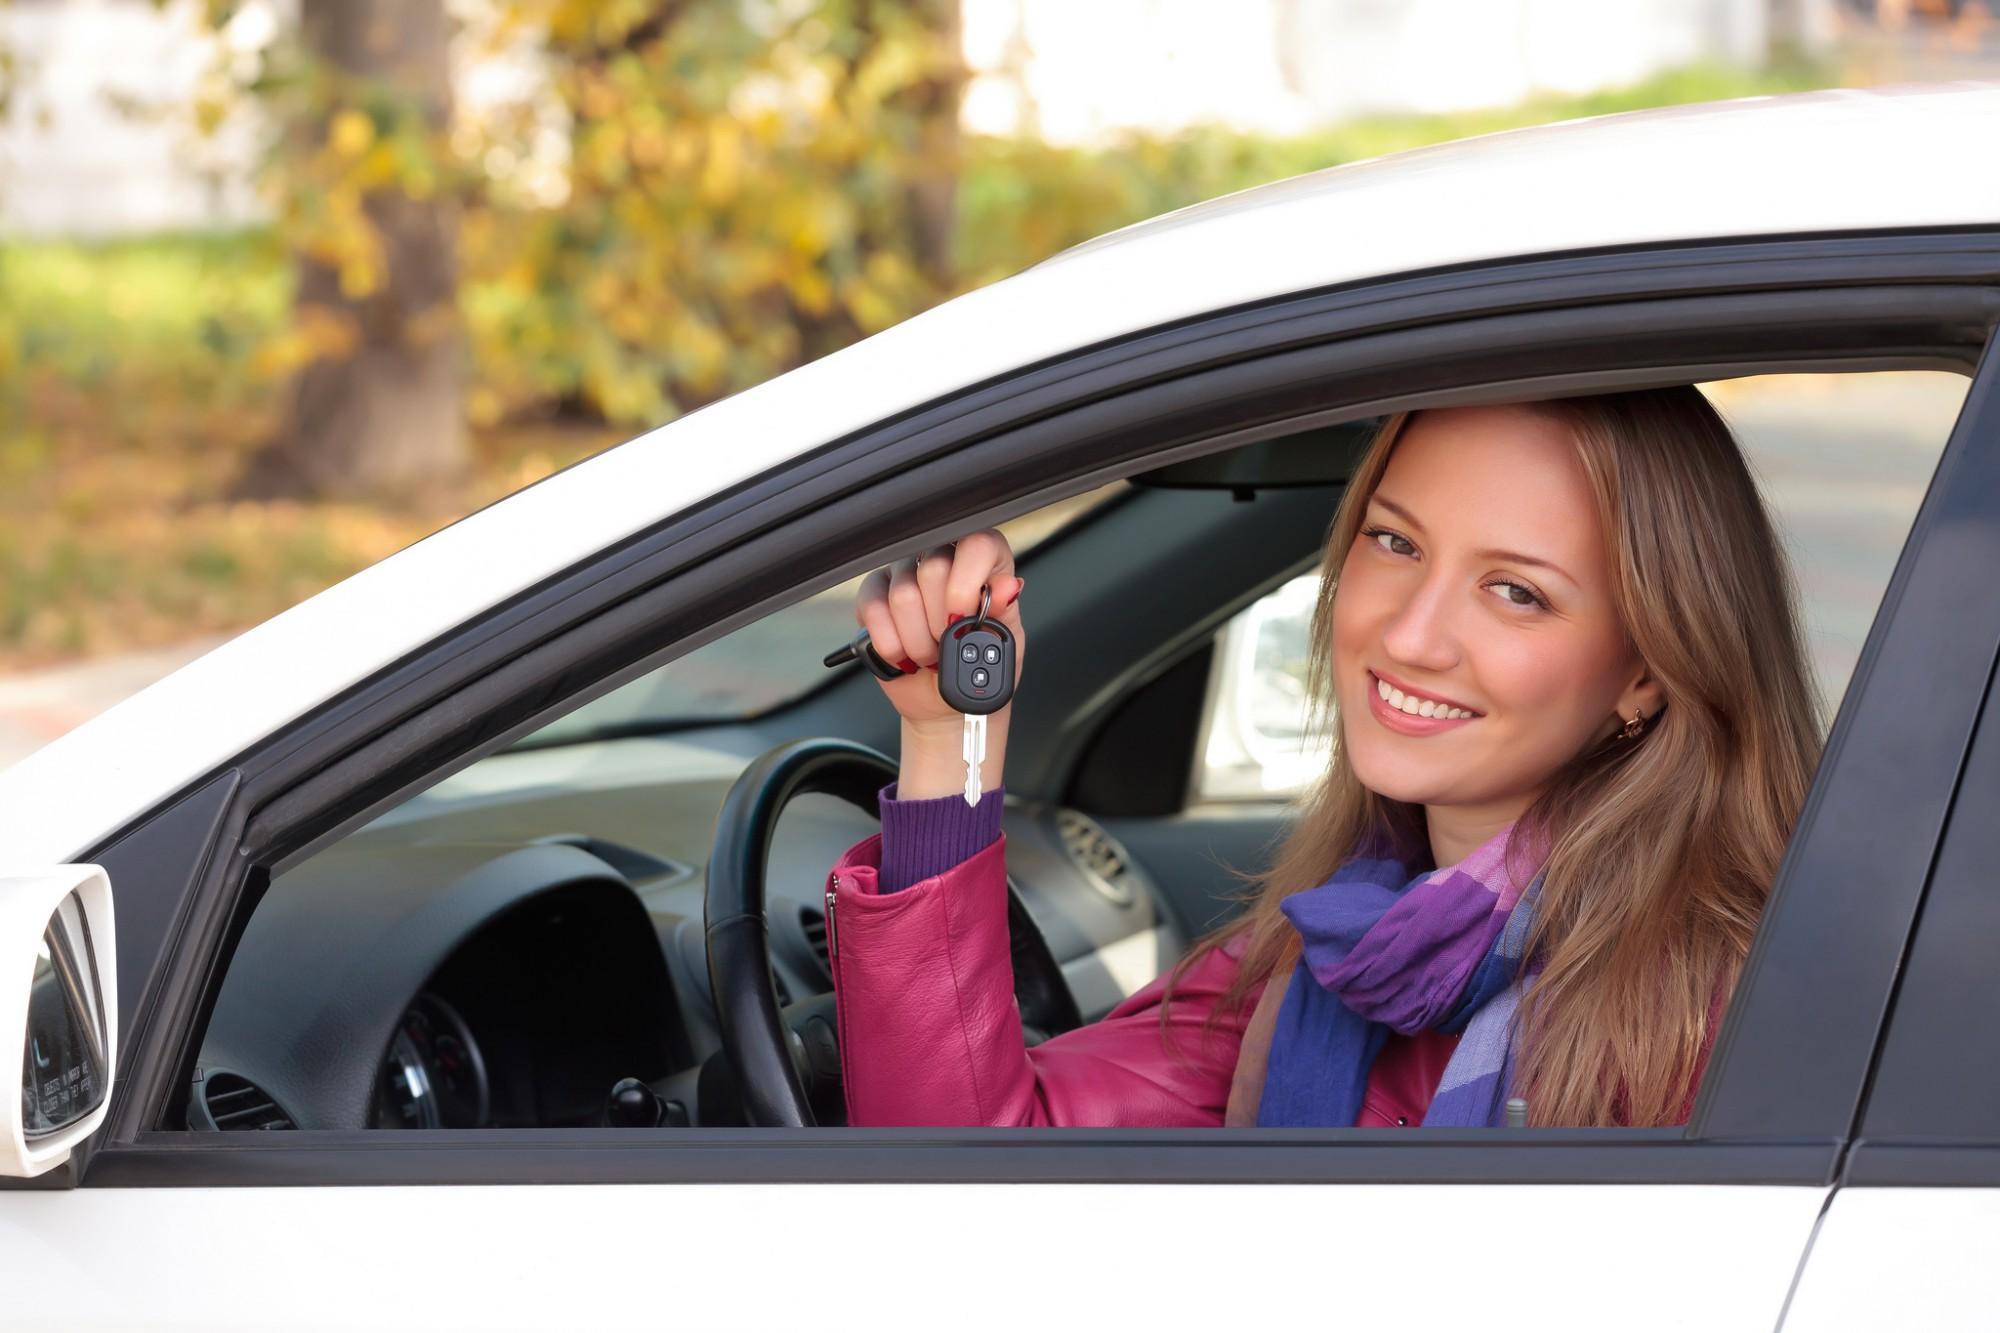 Чешскую девушку в машине 15 фотография